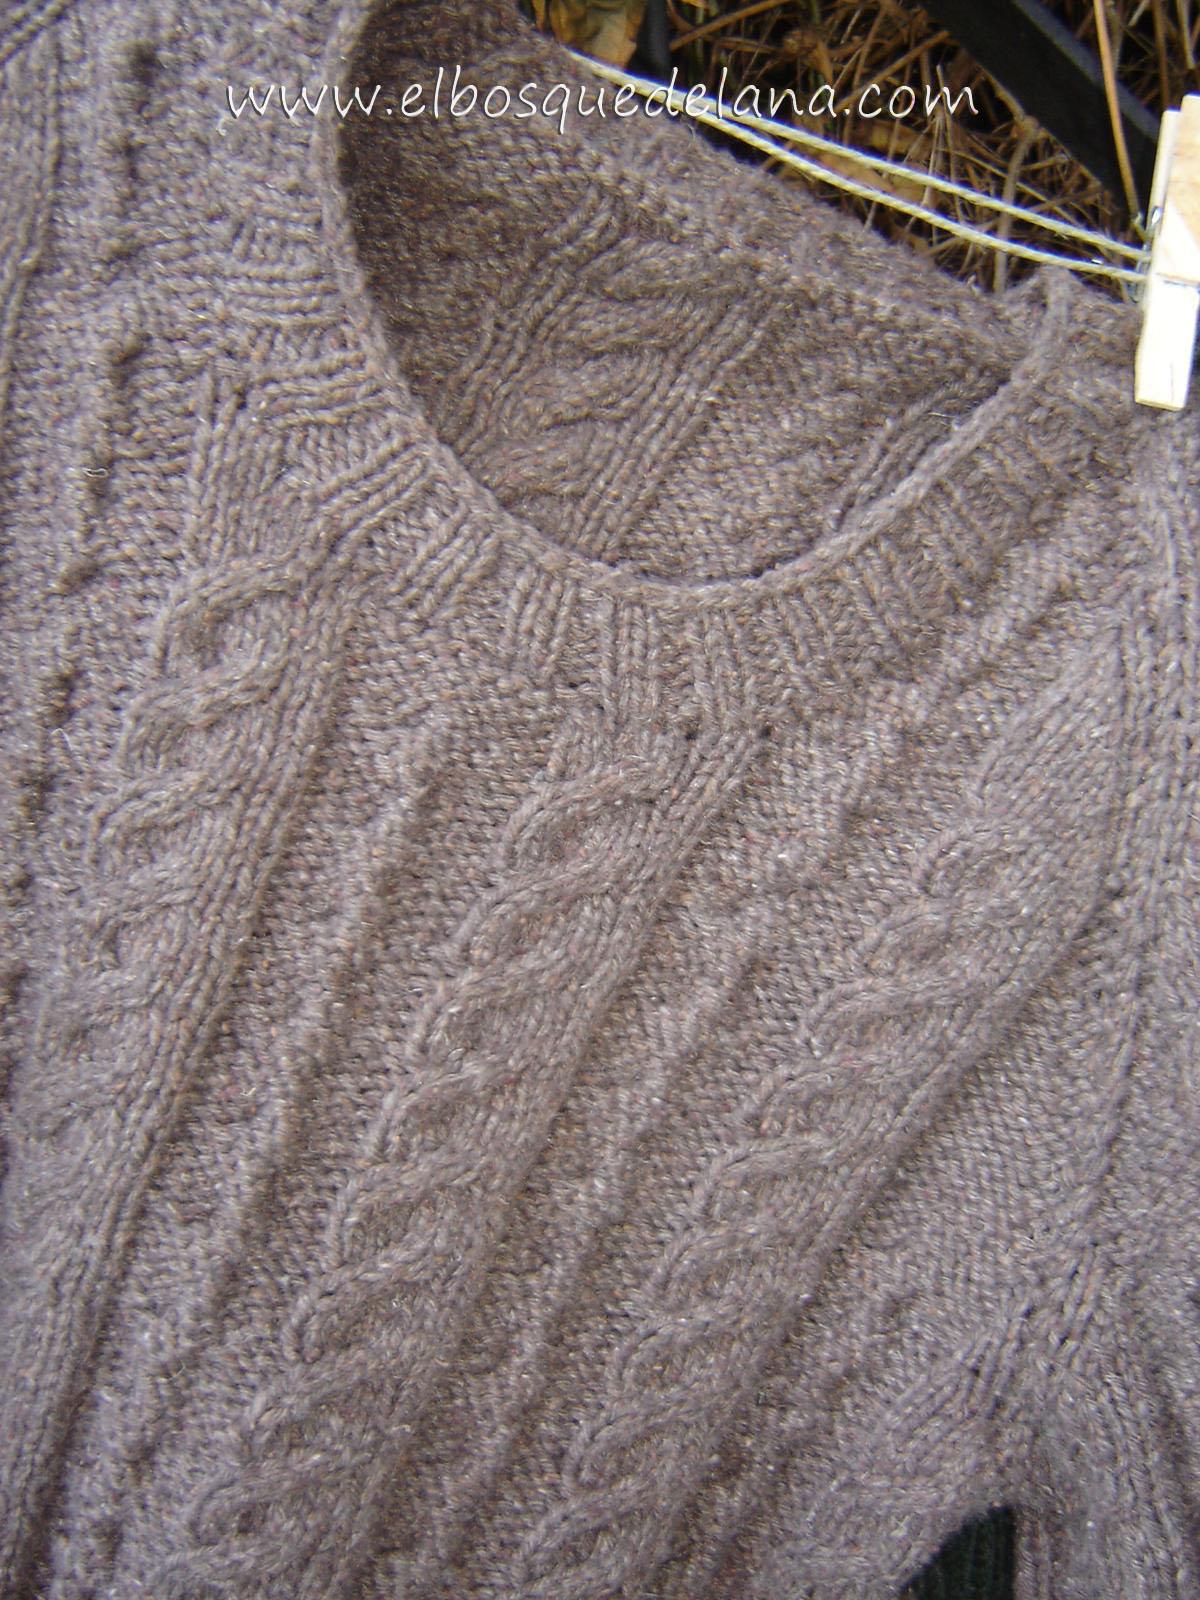 El bosque de lana colecci n mujer - Lana gorda para mantas ...